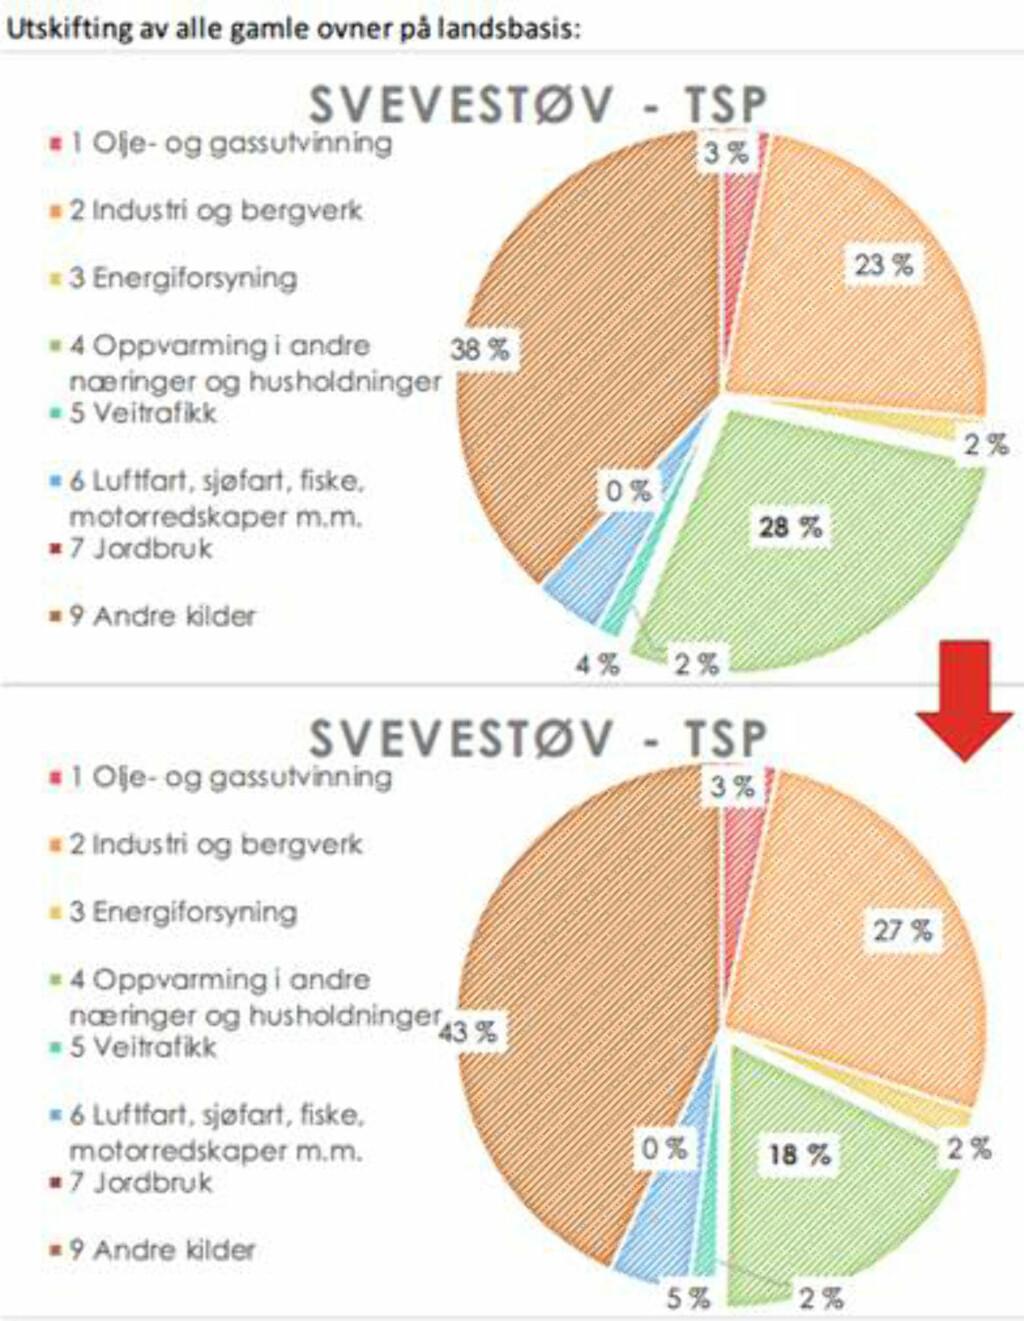 PARTIKKELUTSLIPP: TSP er totalt partikkelutslipp, som ville gå fra 28 prosent til 18 prosent ved utskifting av alle gamle ovner på landsbasis. Foto: SINTEF